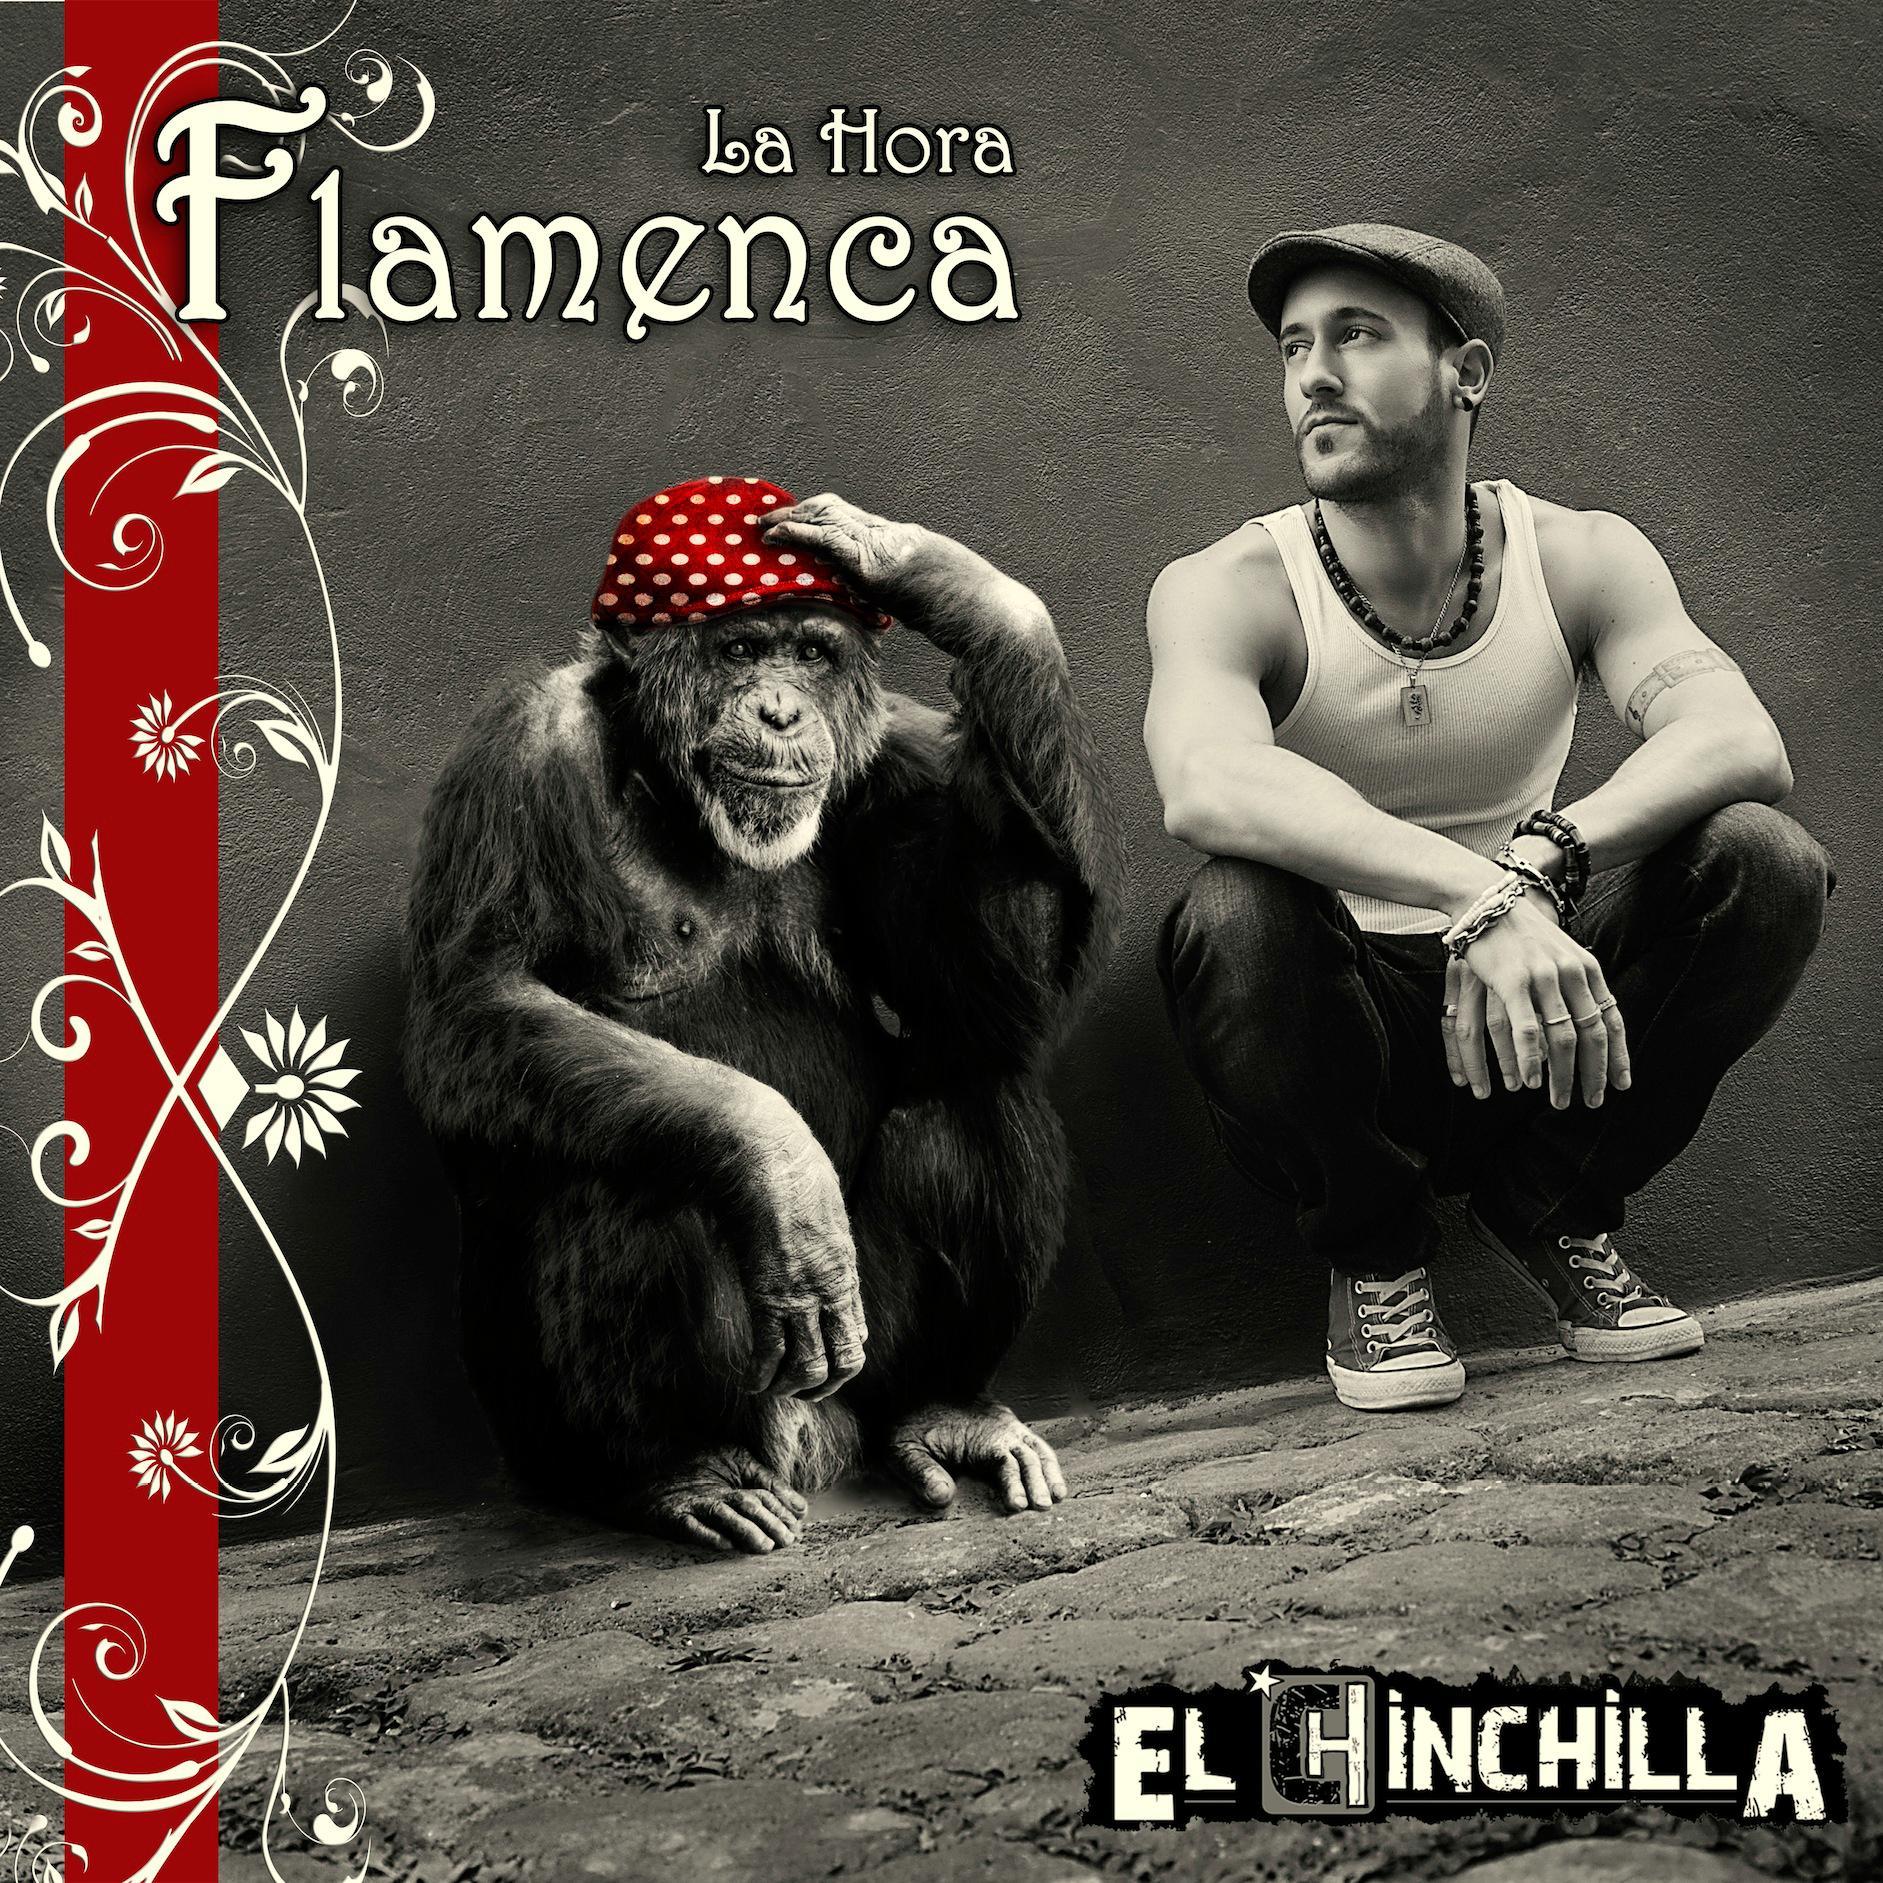 La hora flamenca